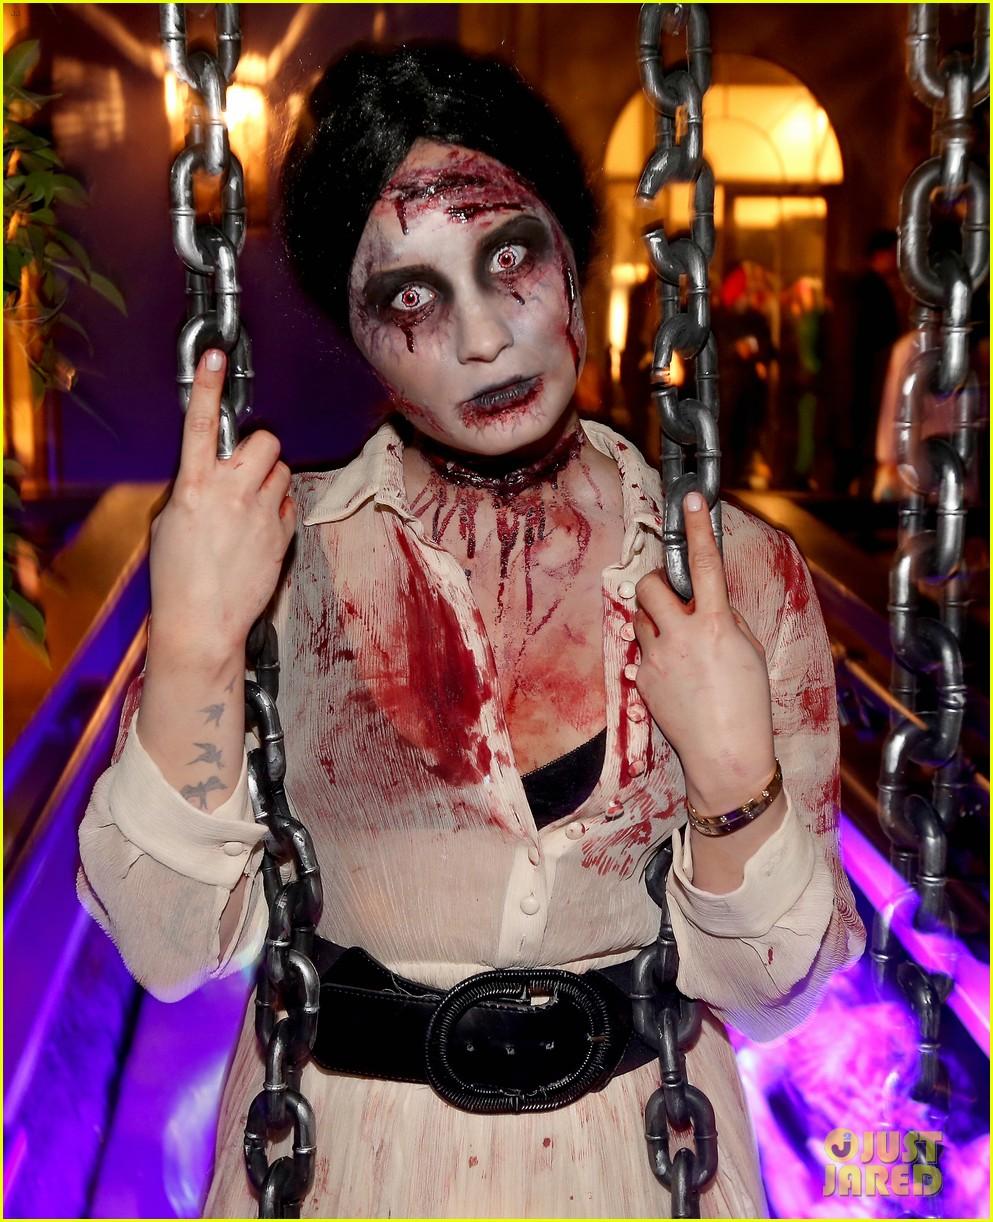 demi lovato: dead zombie halloween costume!: photo 2984134 | 2013